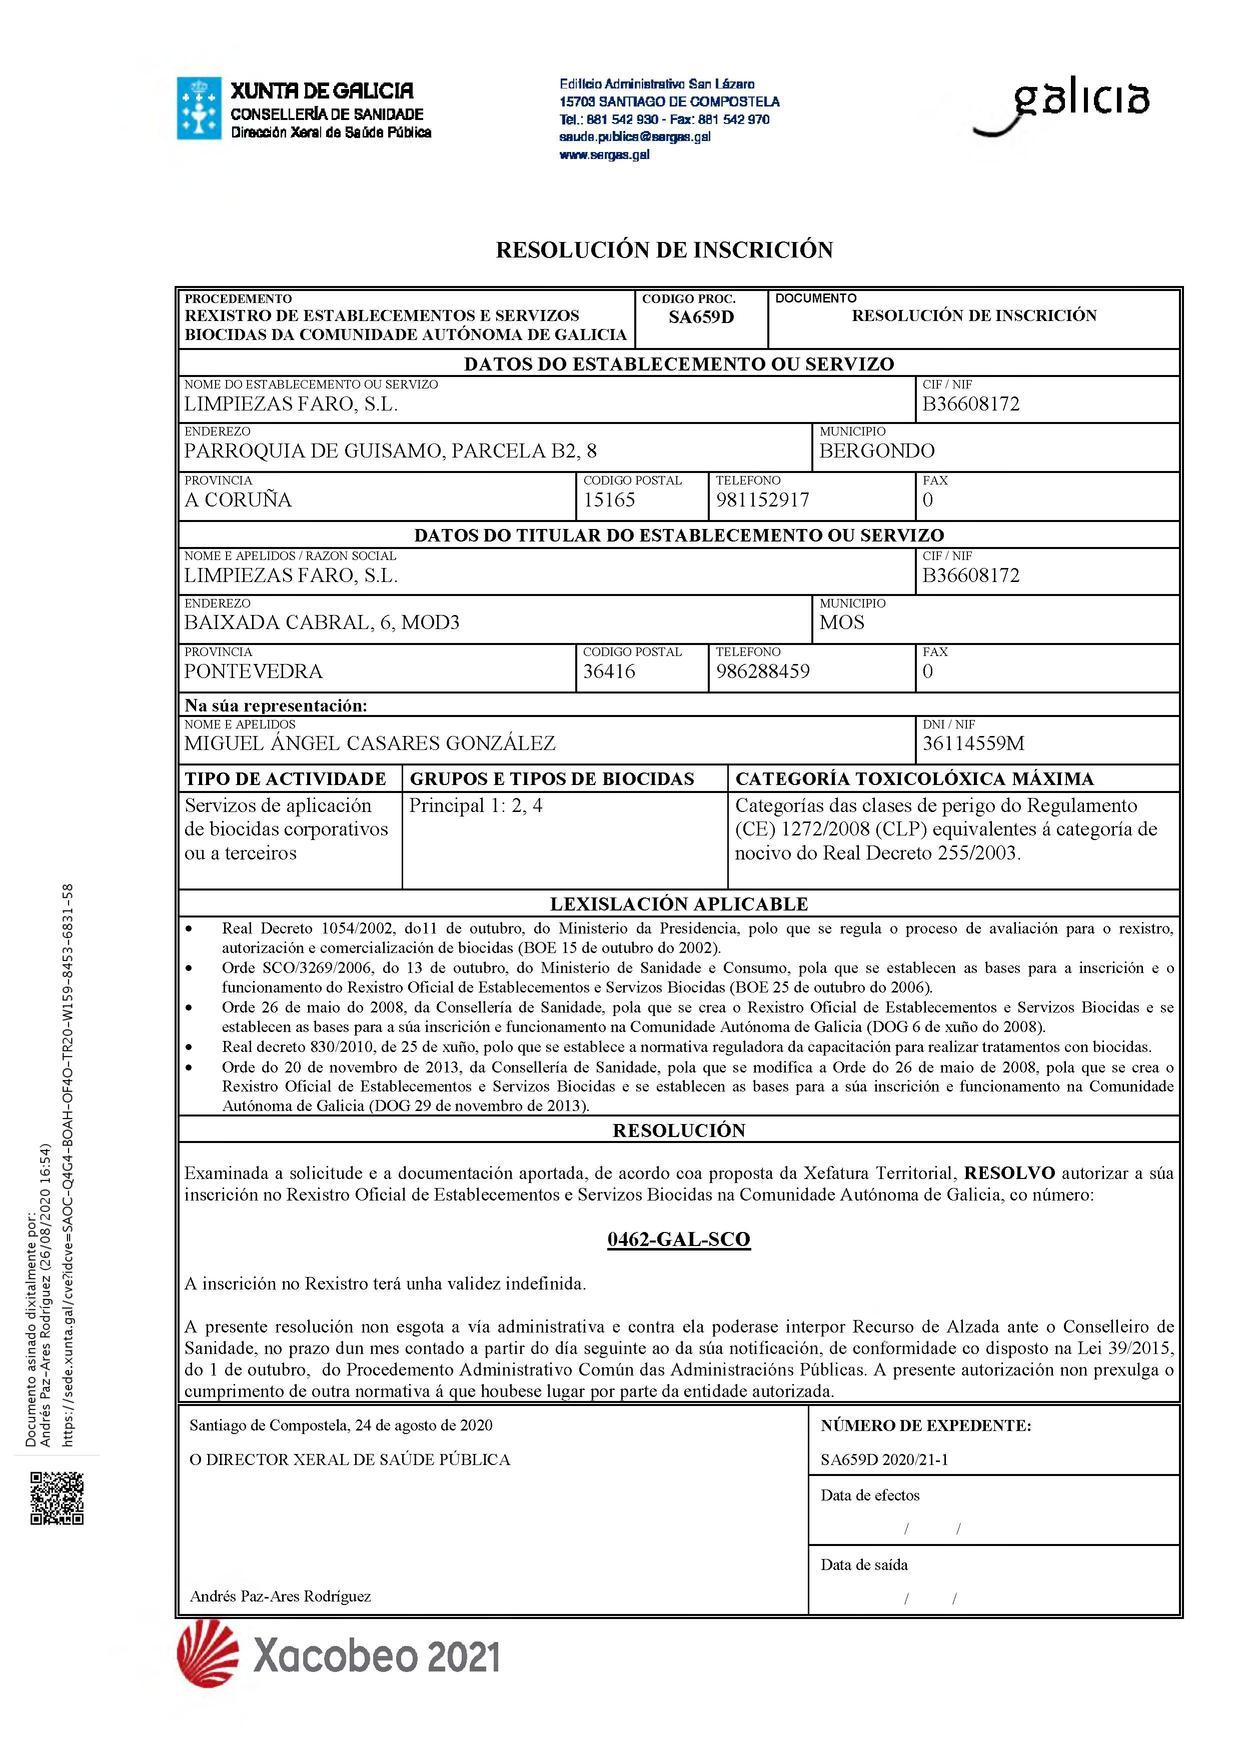 FARO OBTIENE LA INSCRIPCIÓN EN EL ROESB DE GALICIA 0462-GAL-SCO